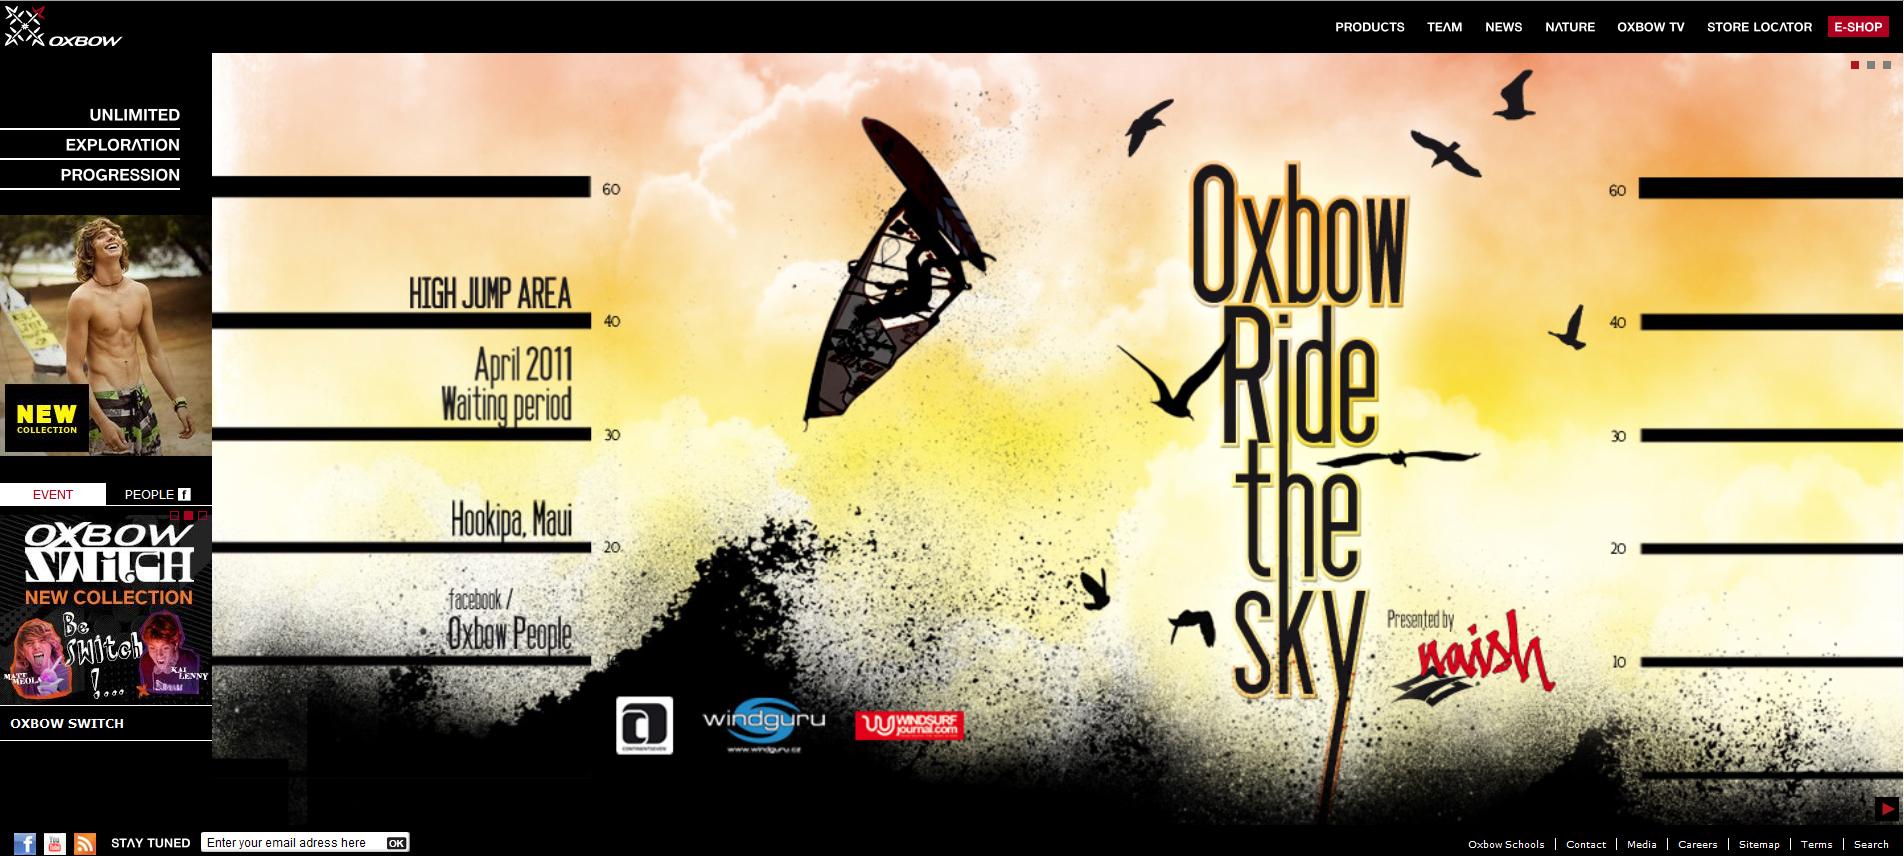 Oxbow lance son nouveau site